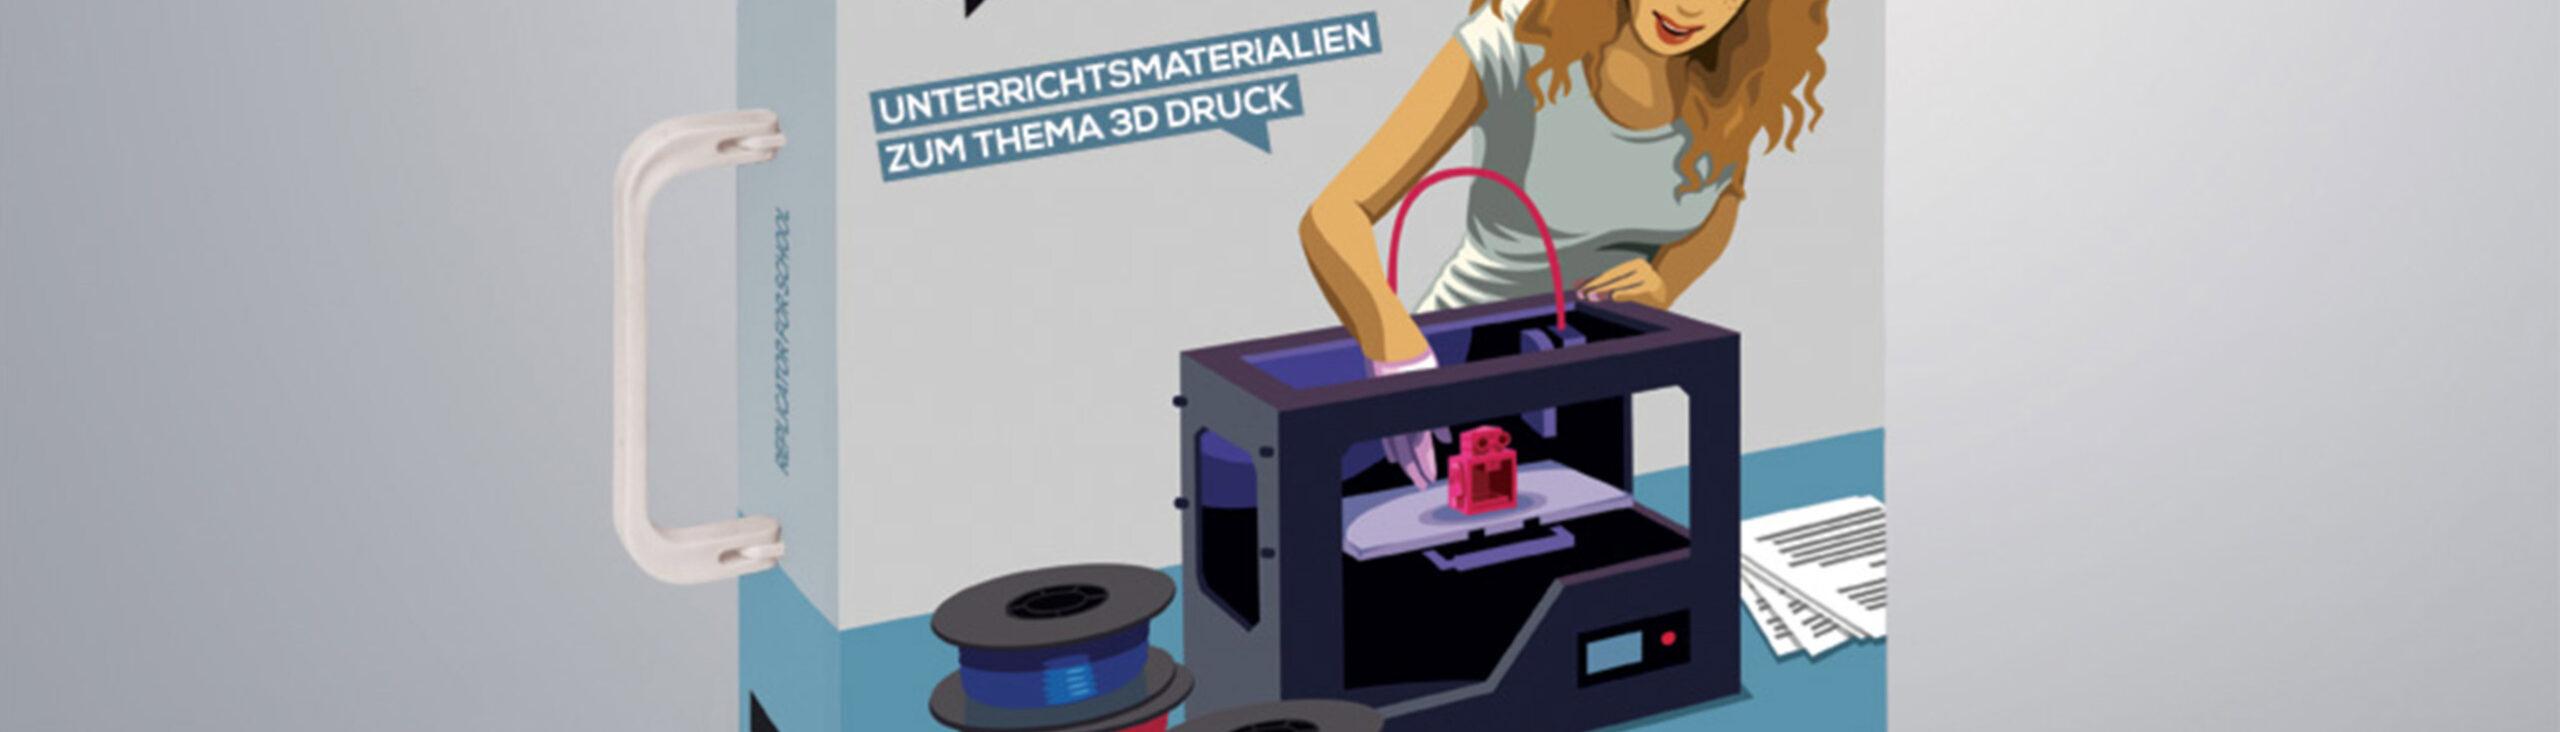 Header 3D-Druck im Klassenzimmer